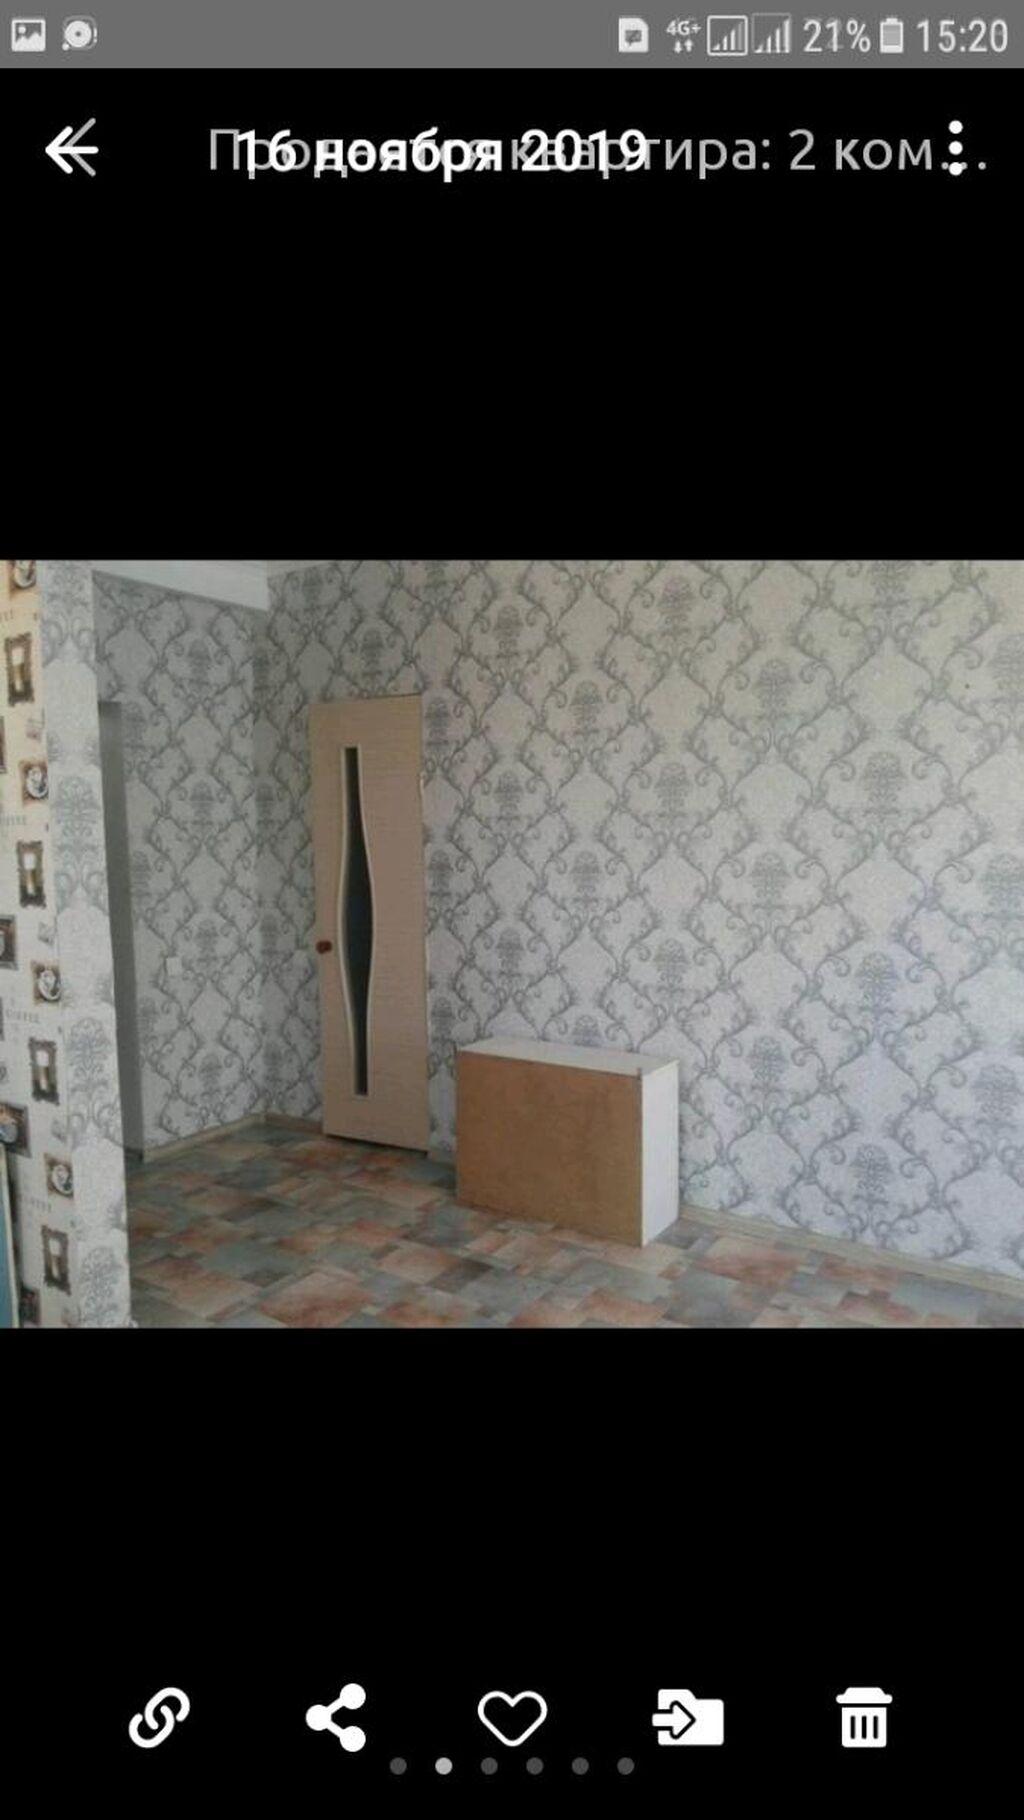 Продаем квартиру срочноо !!со свежим ремонтом 2ух комнатная